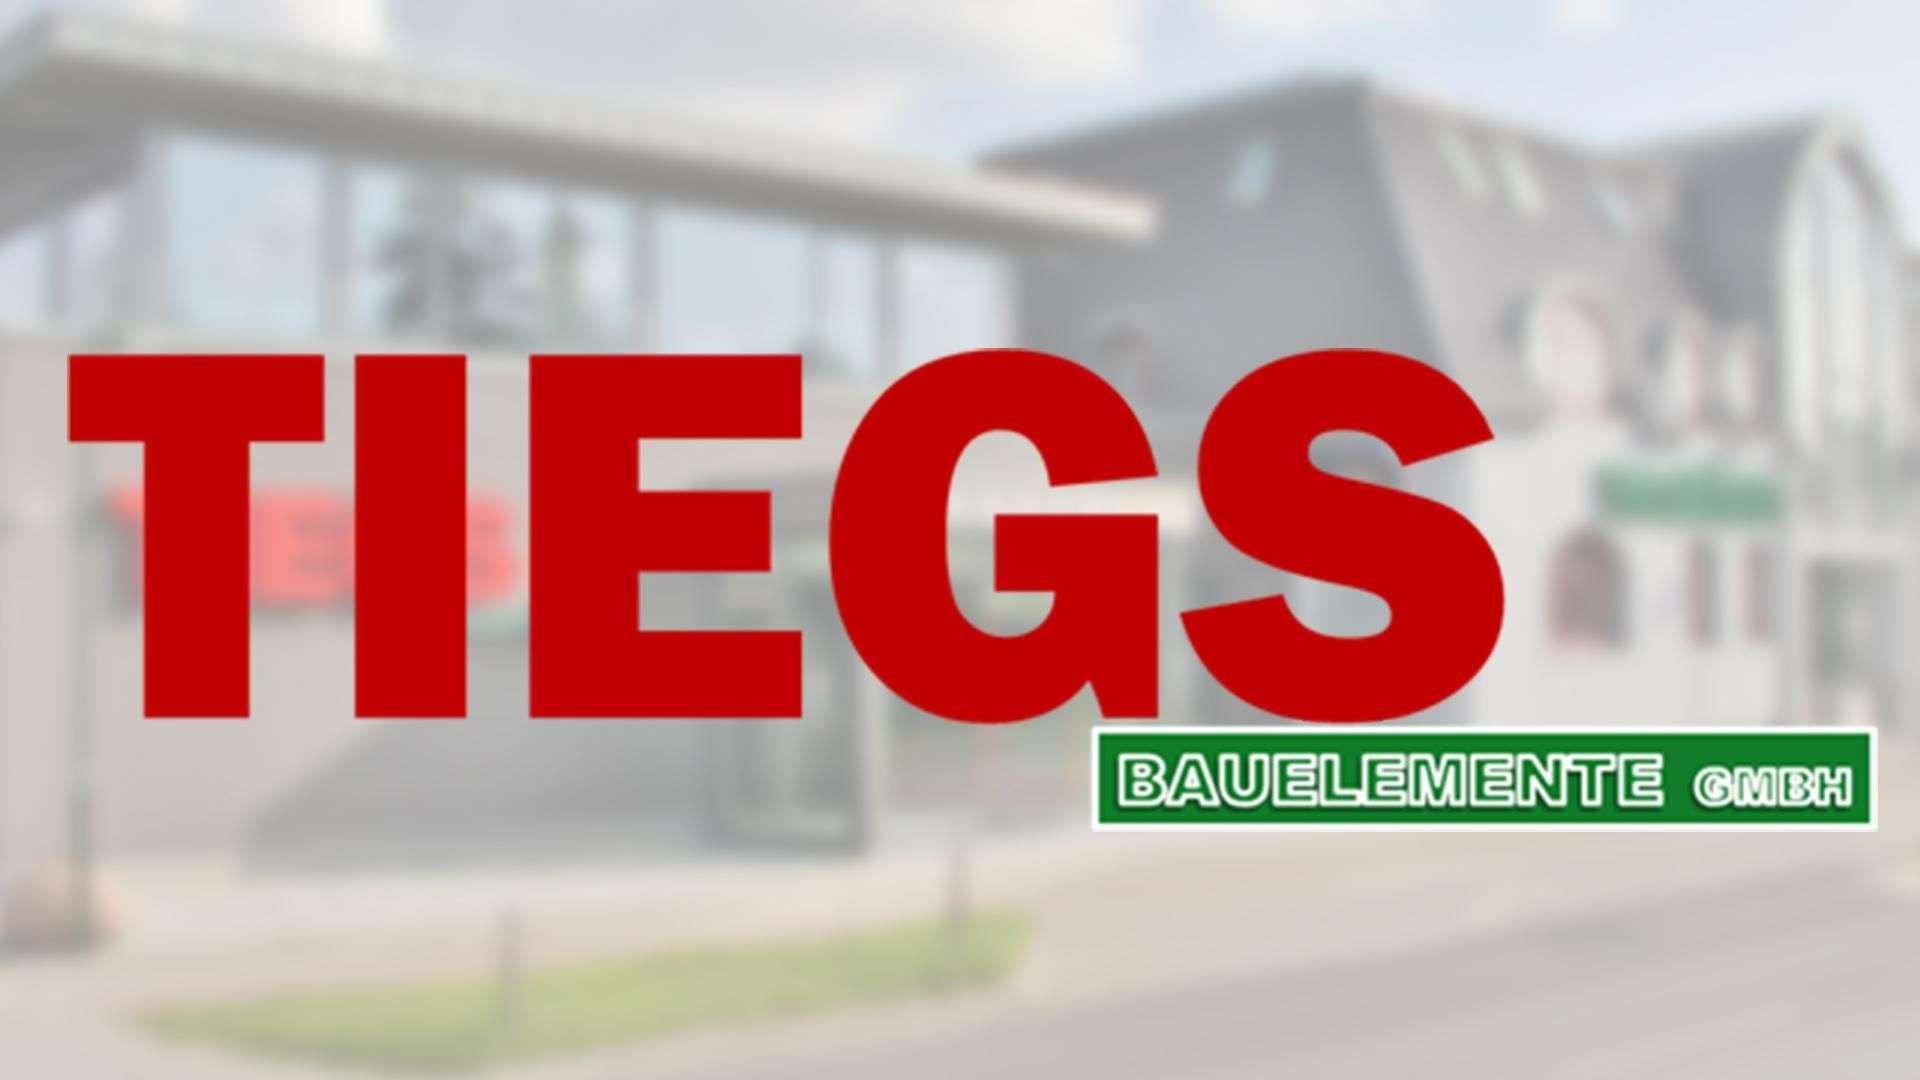 Tiegs Bauelemente GmbH in Ahrensfelde